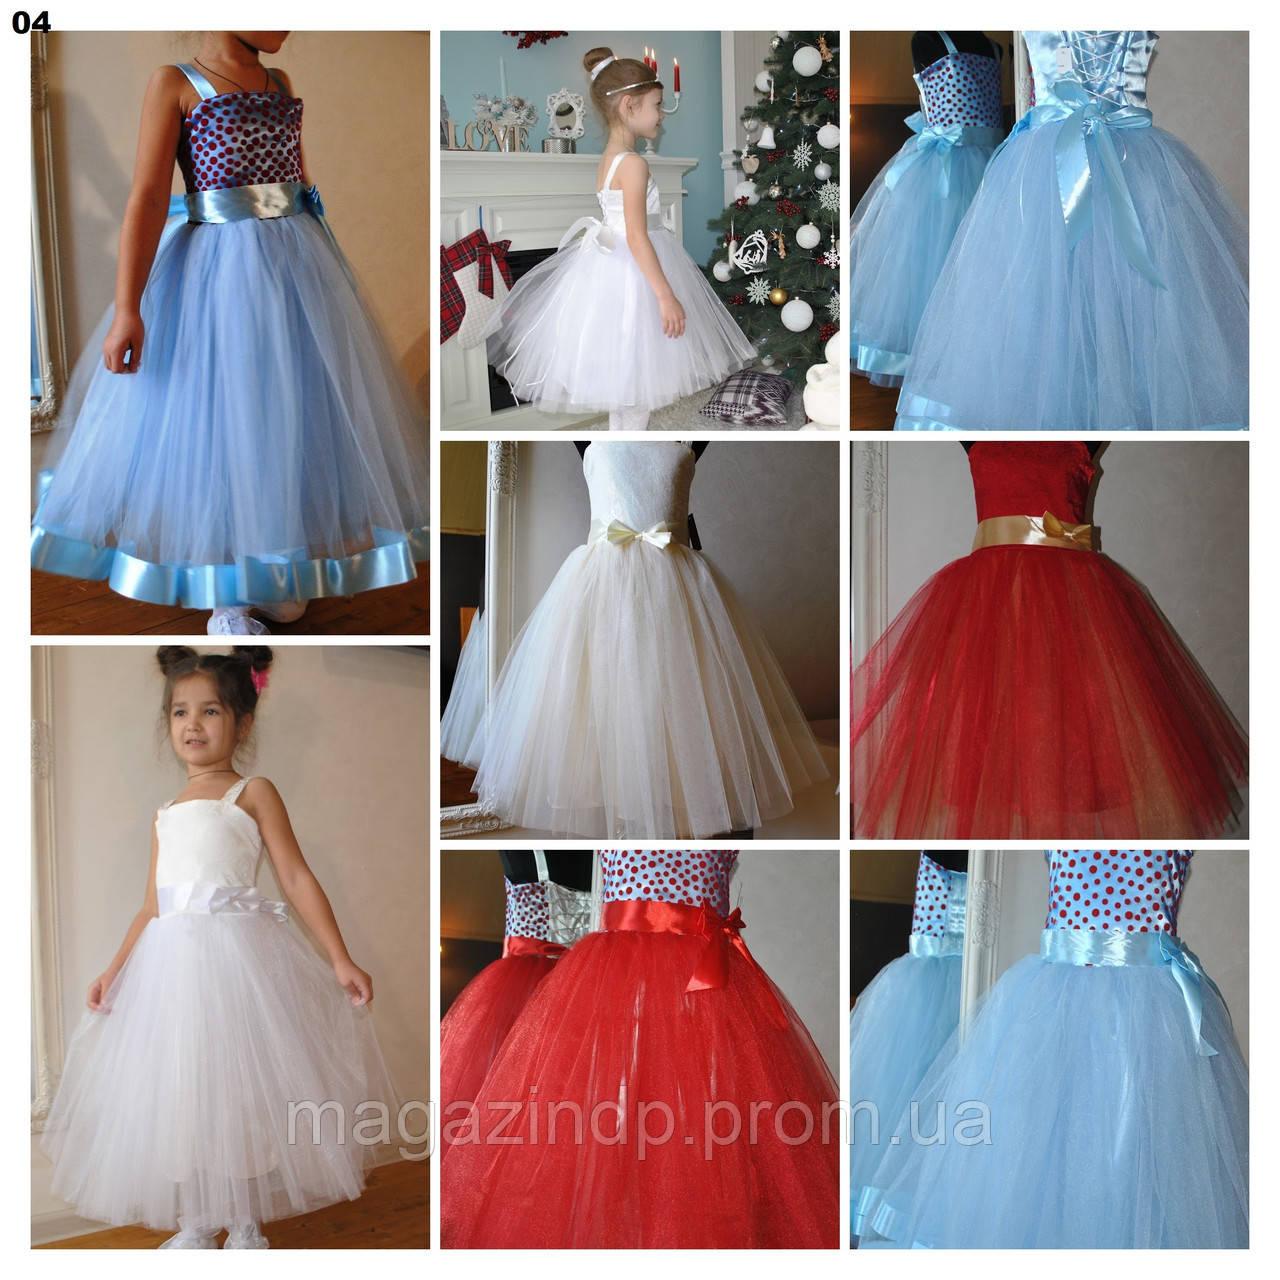 Карнавальное детское платье принцесса  04 (93) Код:817975241